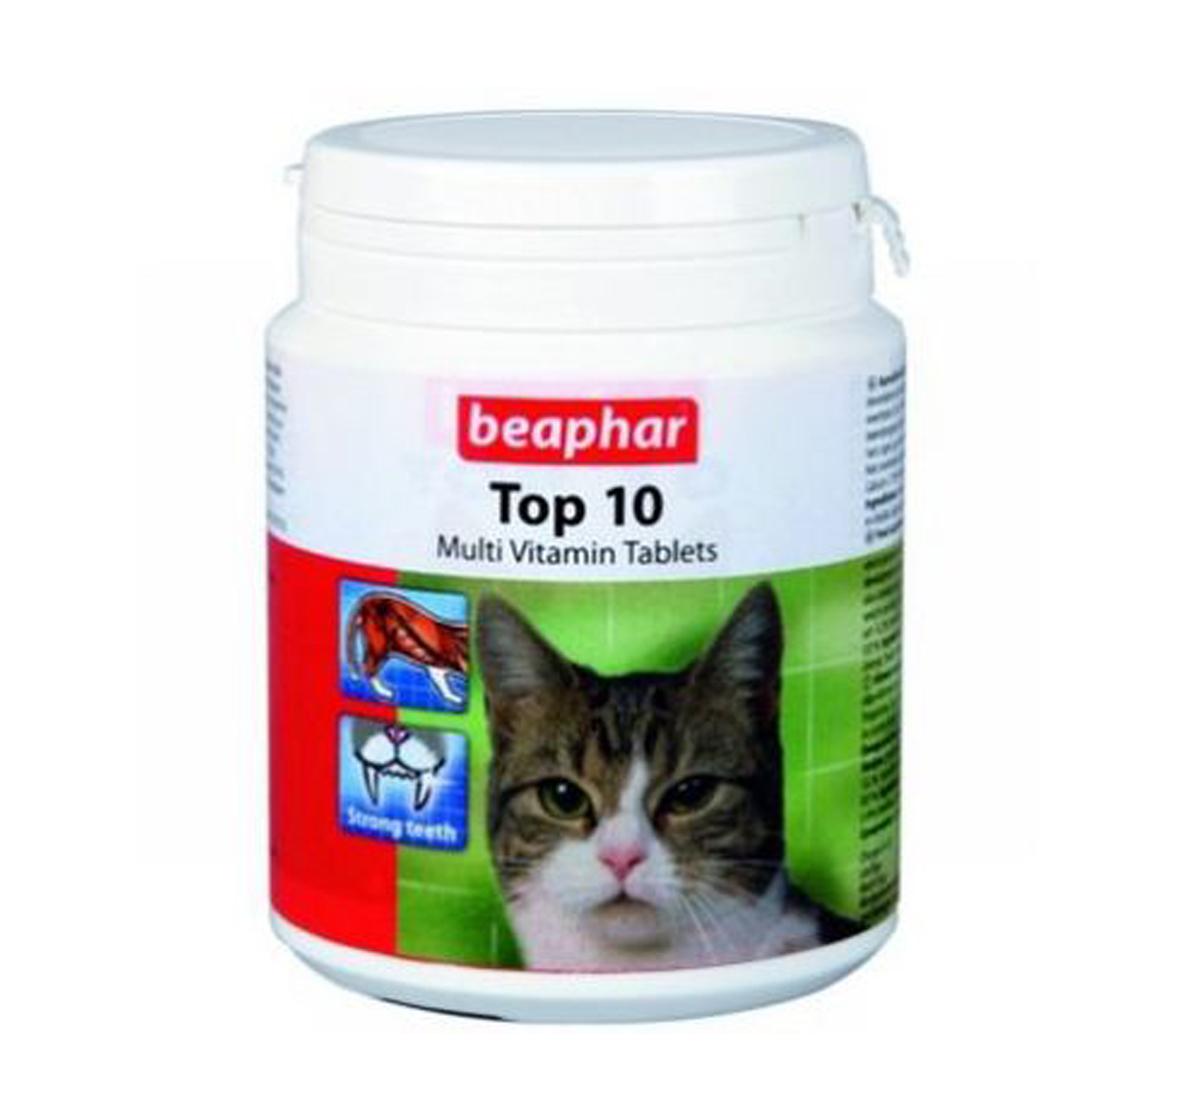 Beaphar Top 10 Multivitamin Cat Supplement  - 30 Tablets